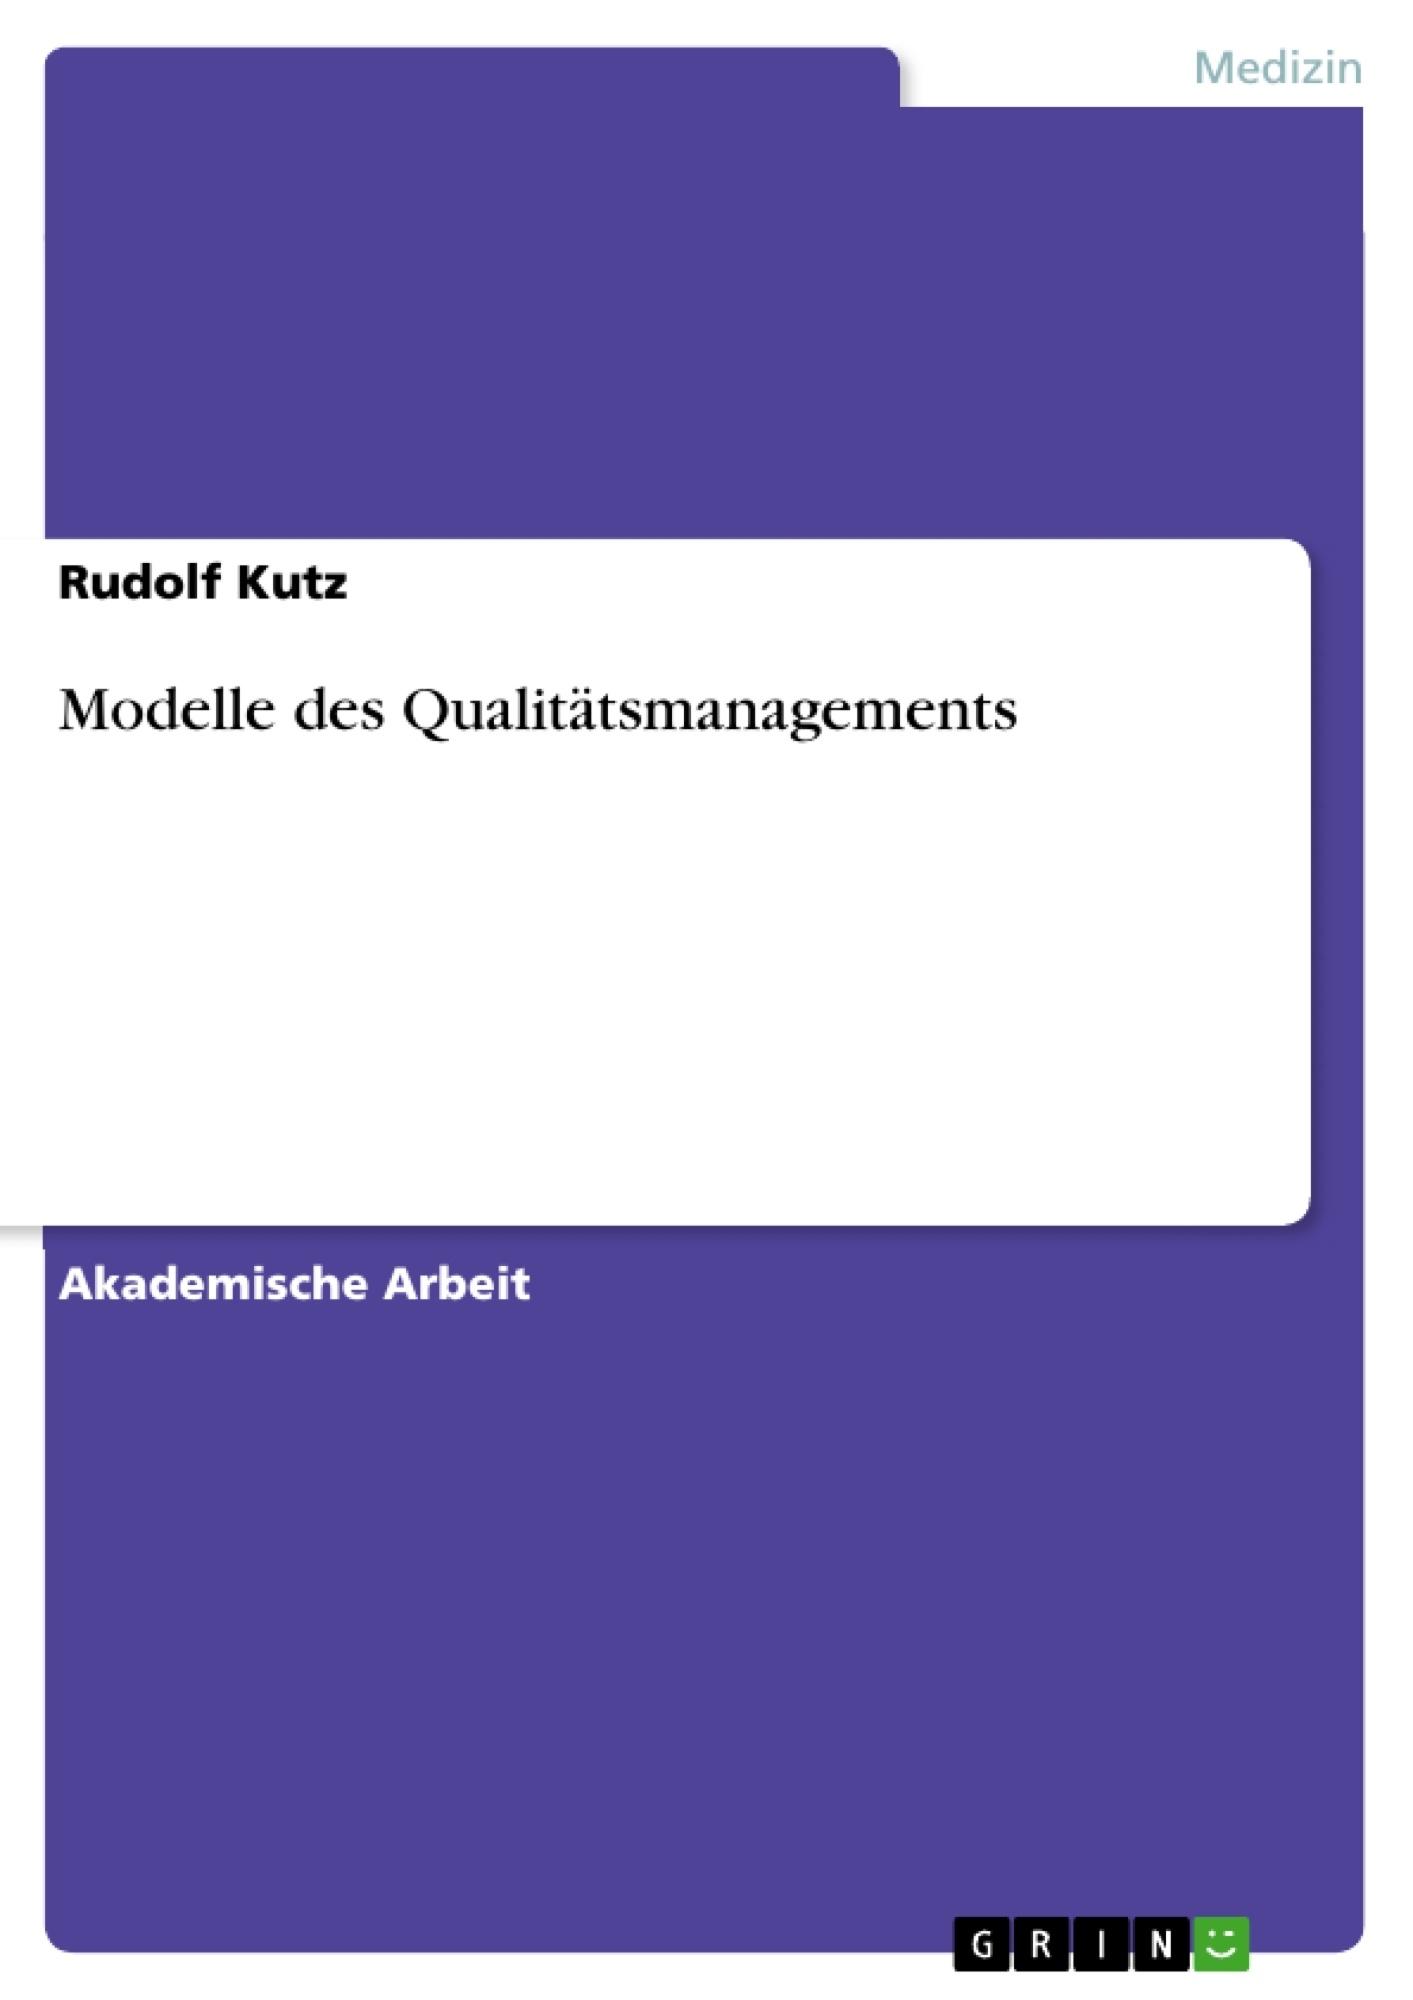 Titel: Modelle des Qualitätsmanagements